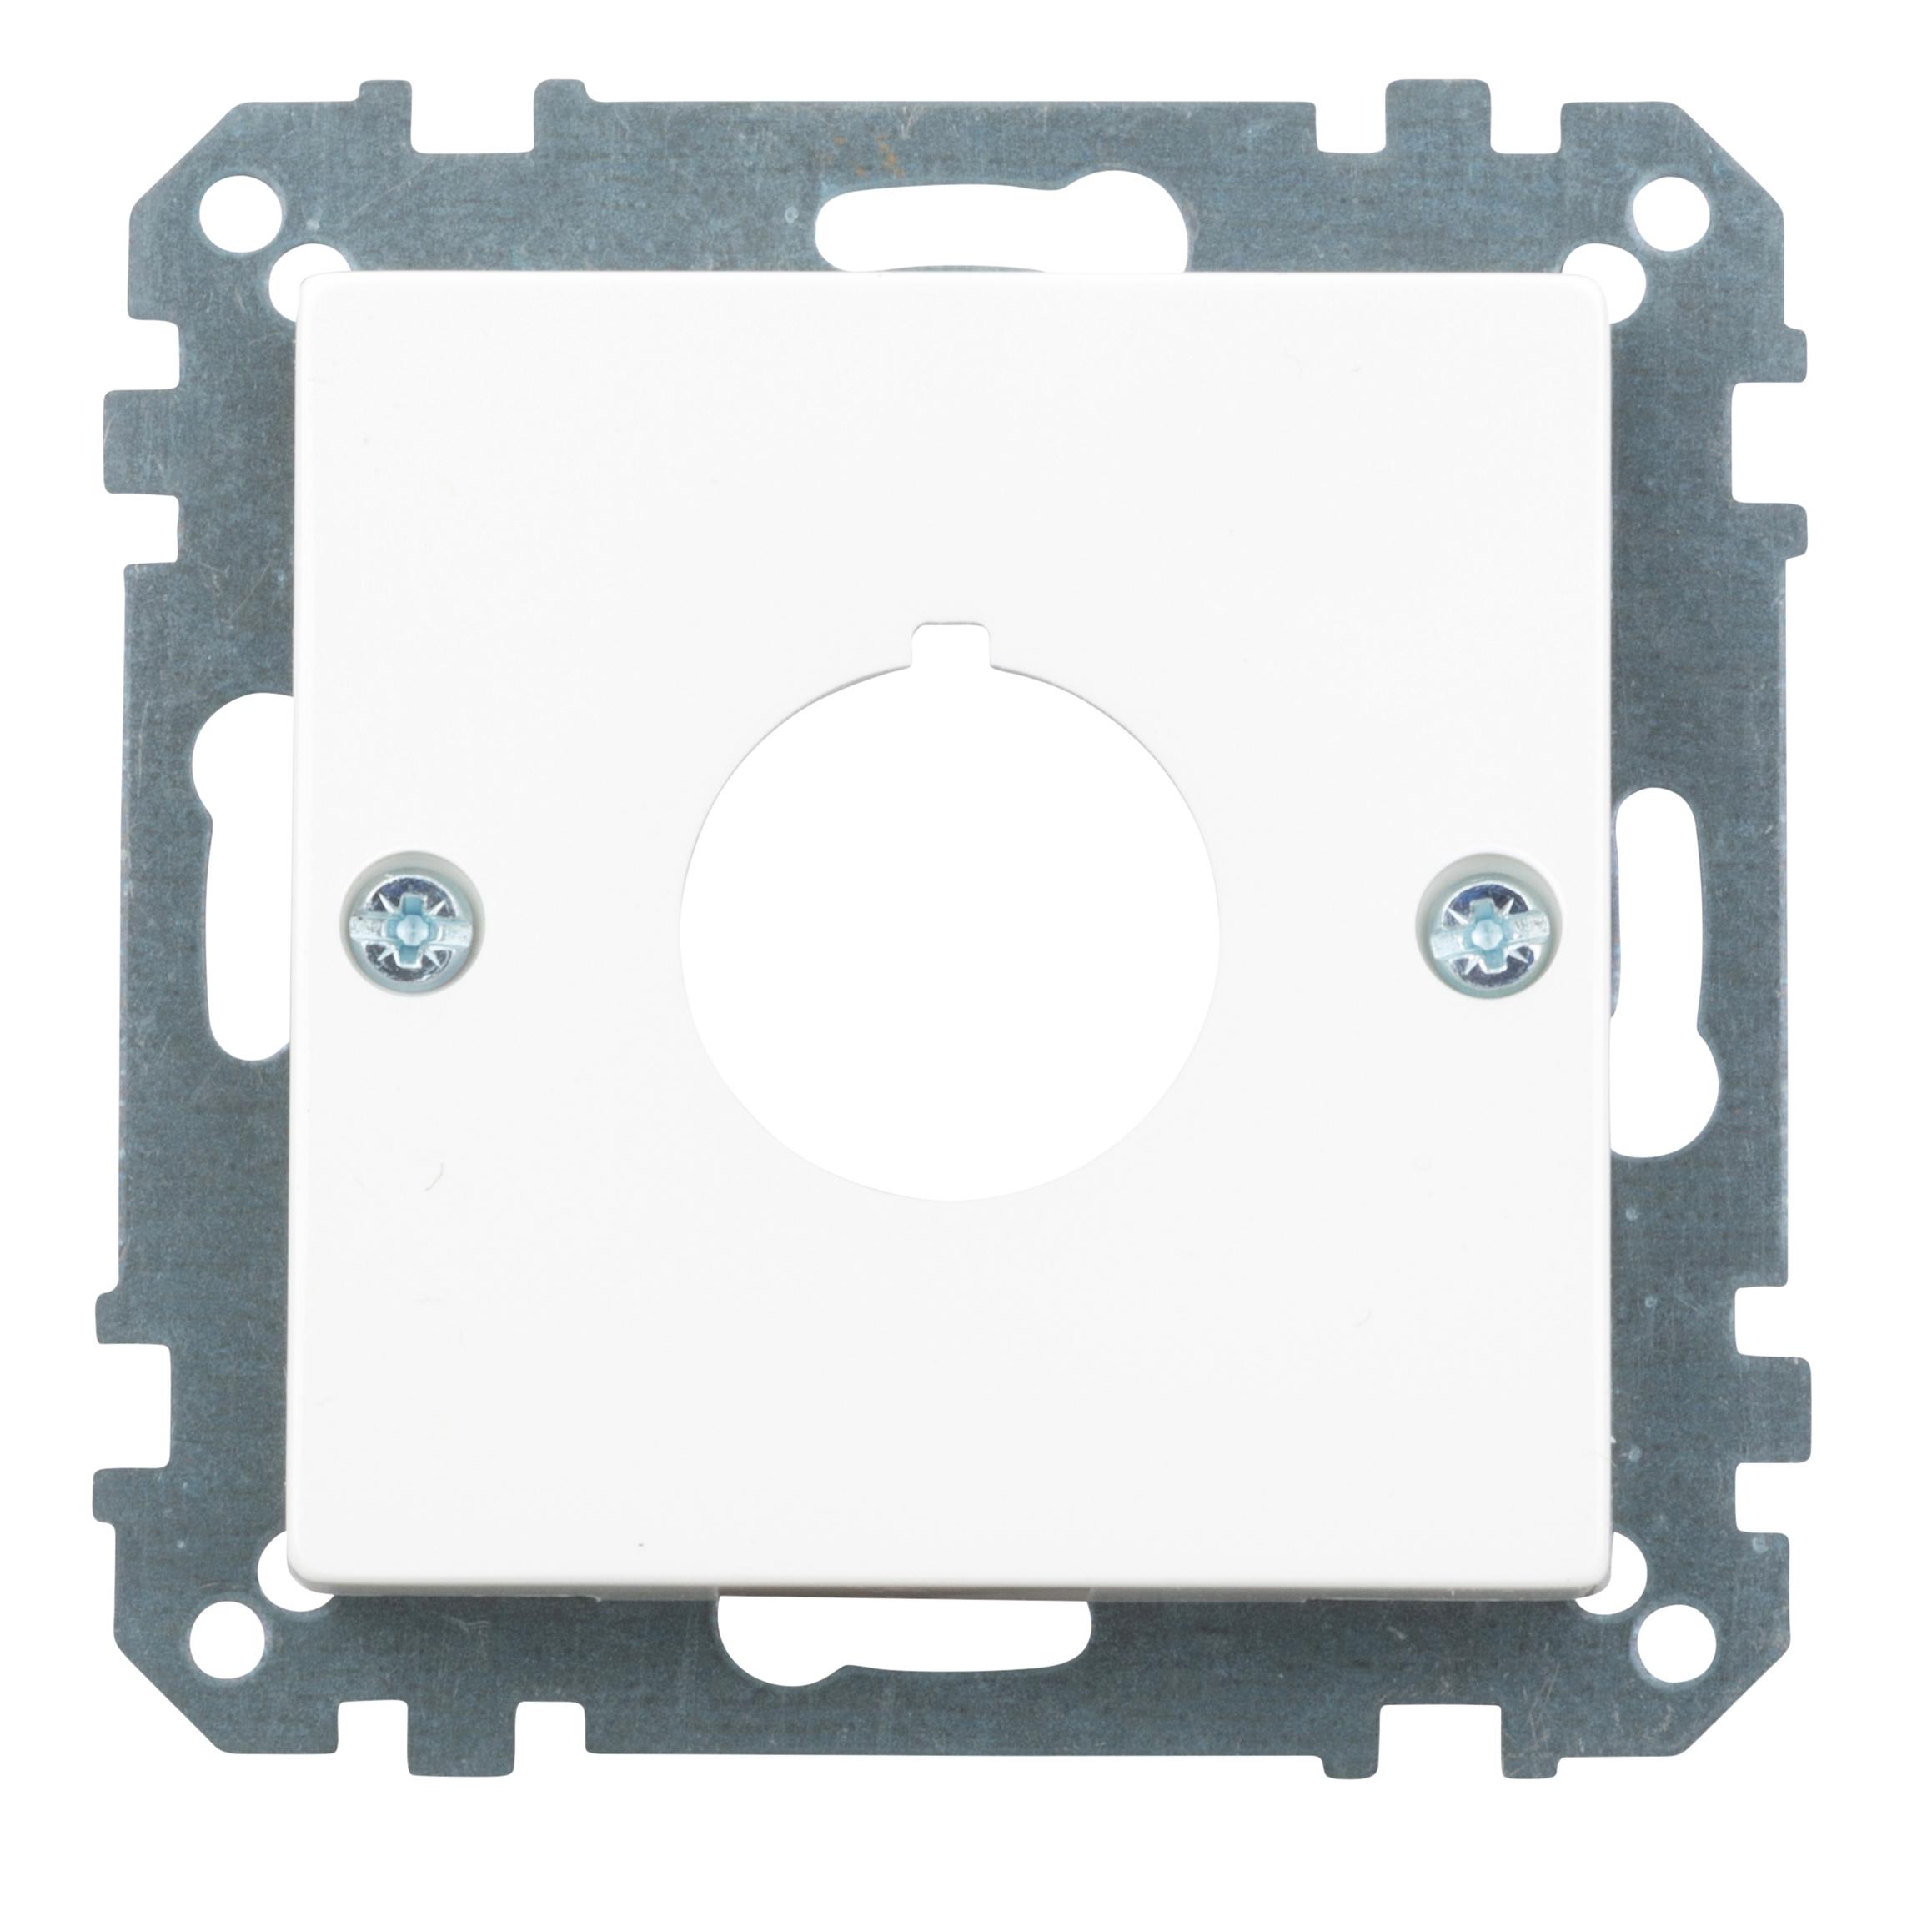 1 Stk Zentralplatte für Befehls- und Meldegeräte,²22,5 mm EV393819--